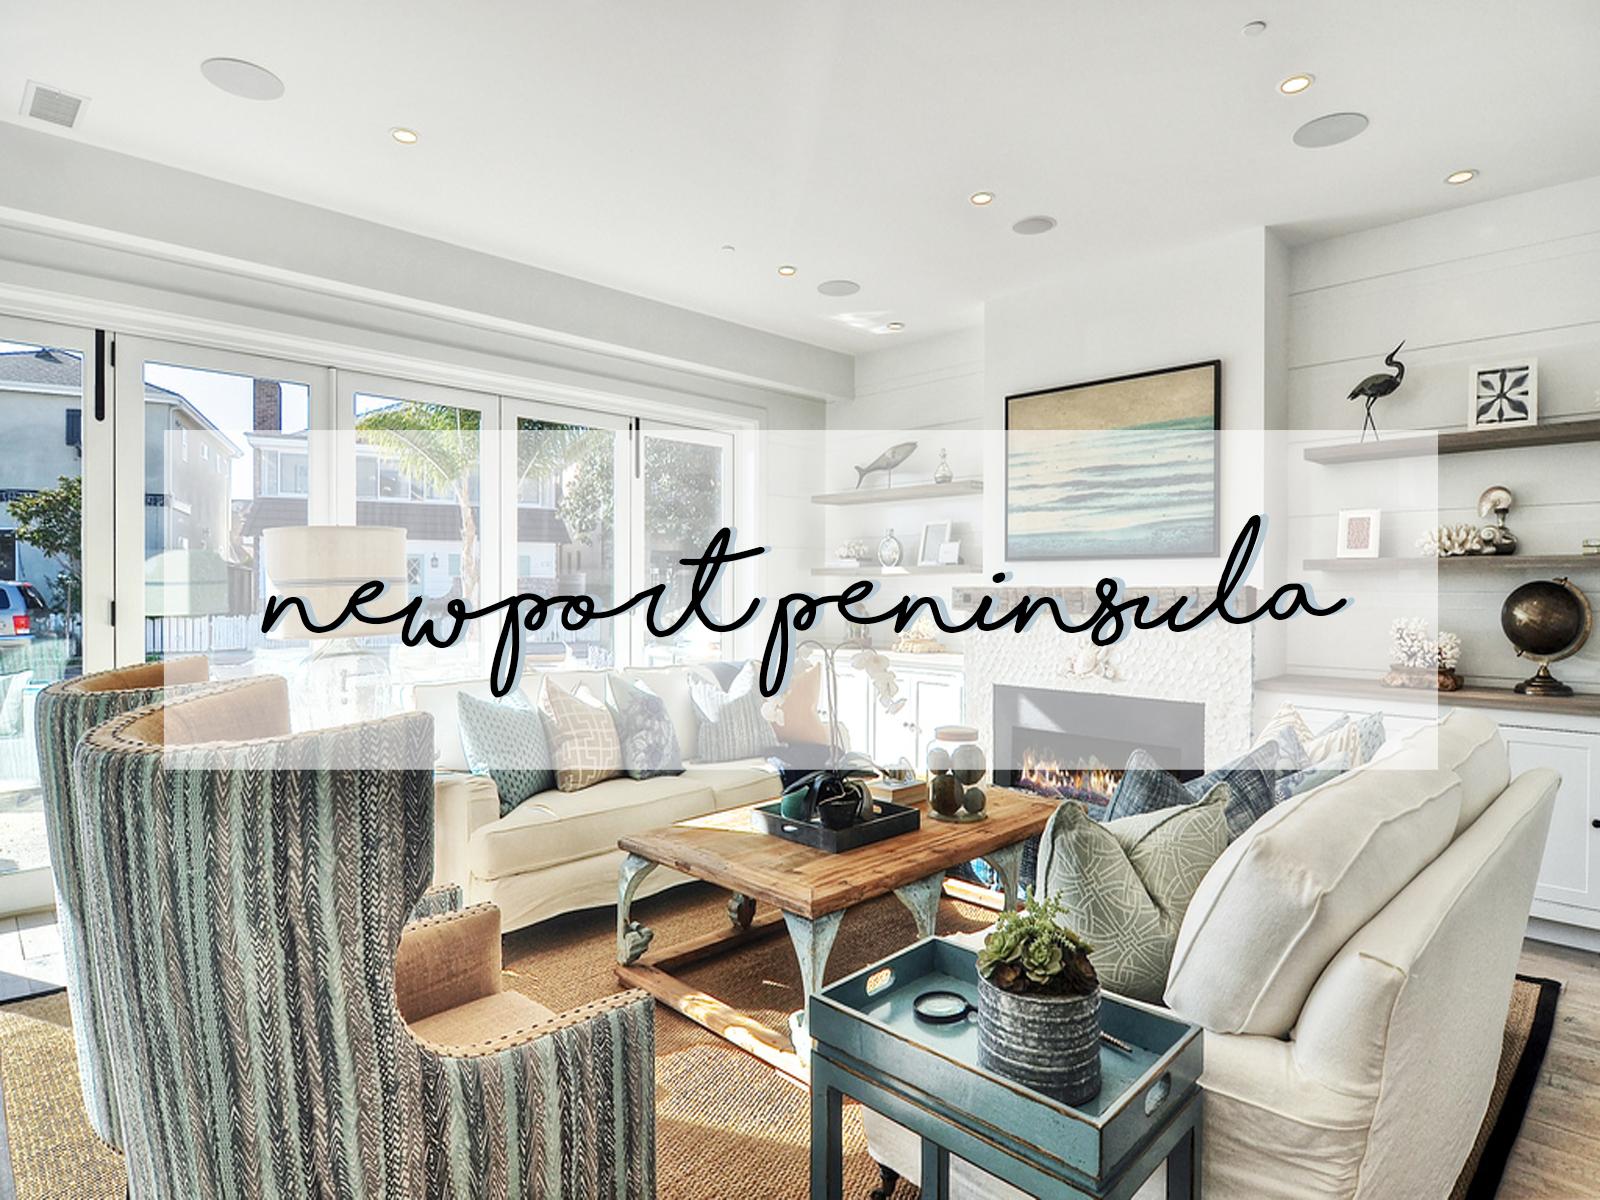 blackband_design_newport_peninsula-1